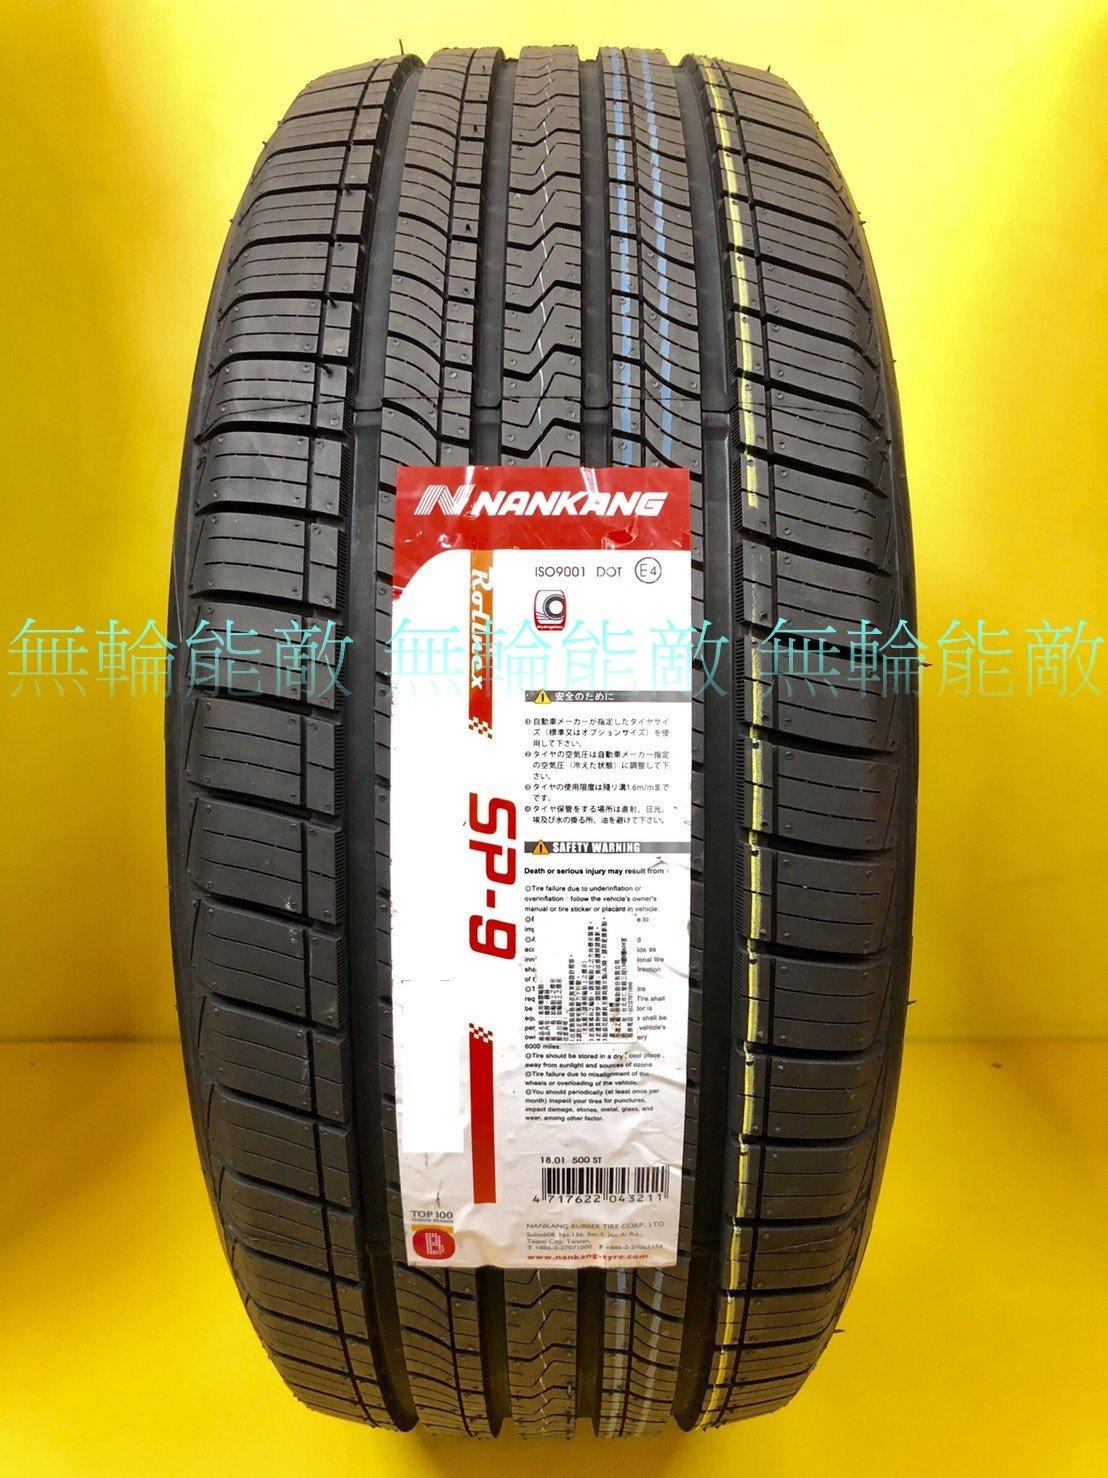 全新輪胎 NANKAMG 南港 SP-9 SP9 205/55-16 (含裝)